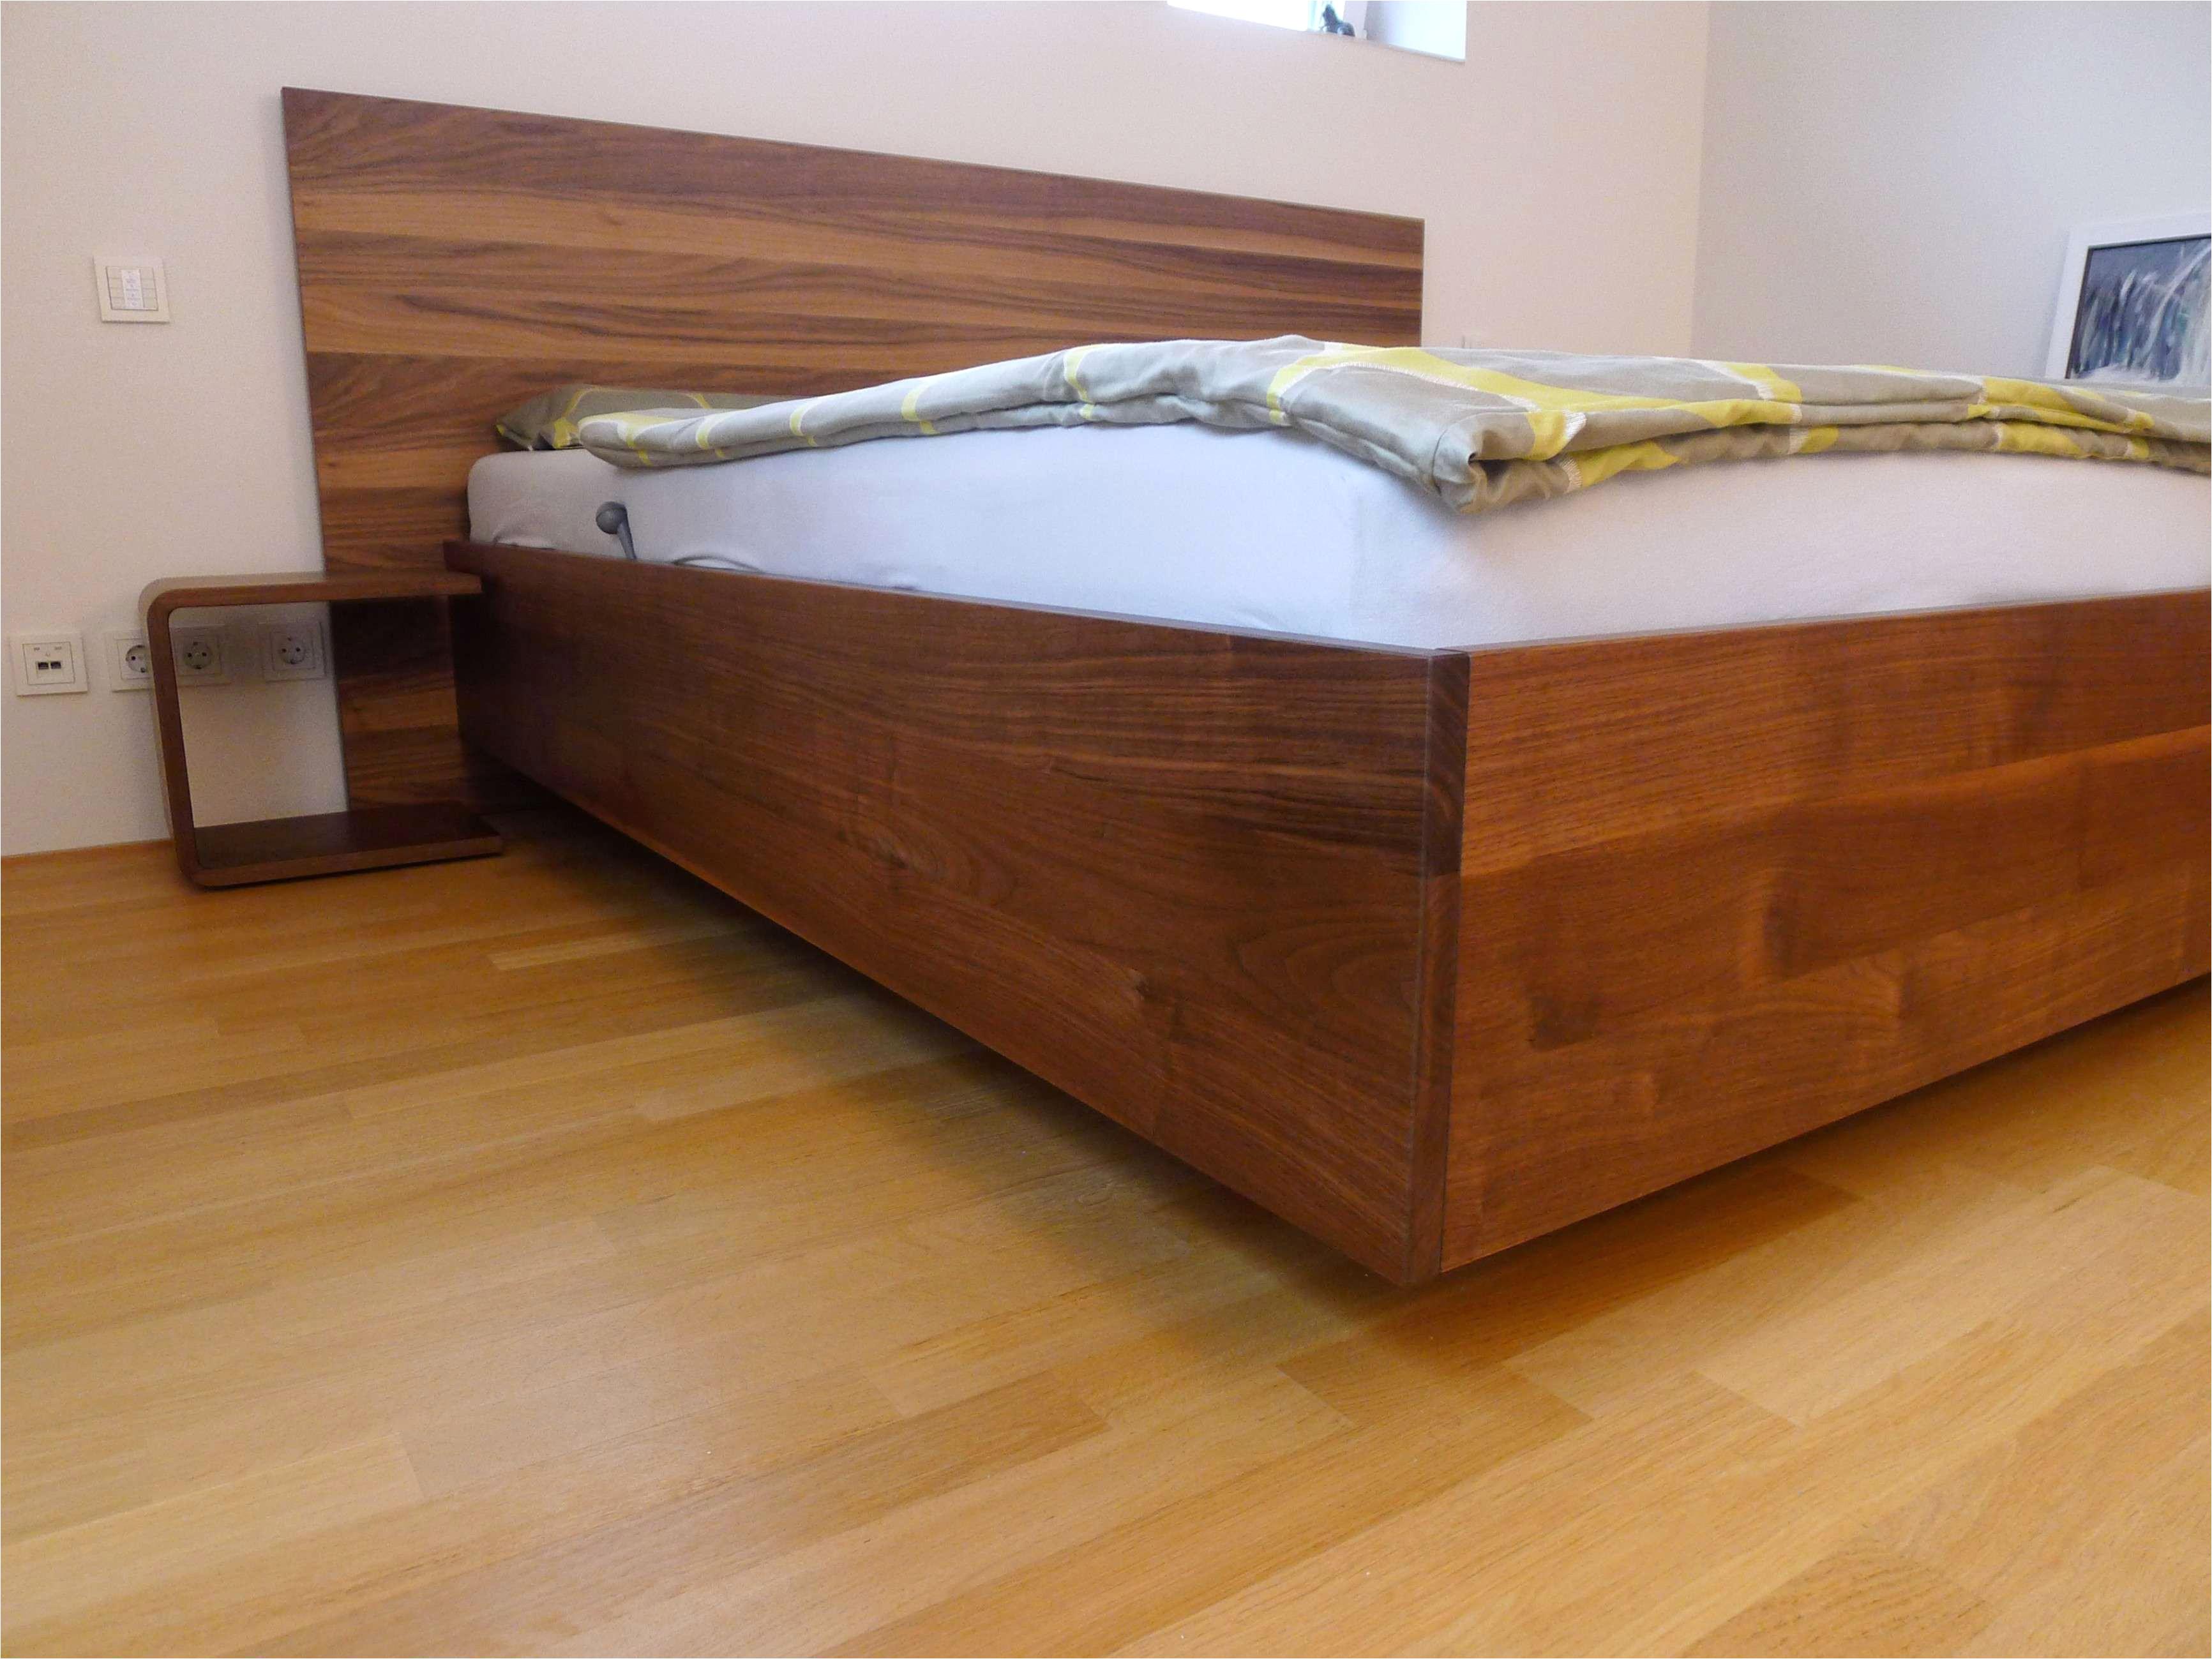 ikea rattan bett inspirierend ikea desk top fresh ikea bett angebot neu schlafzimmer nolte 0d